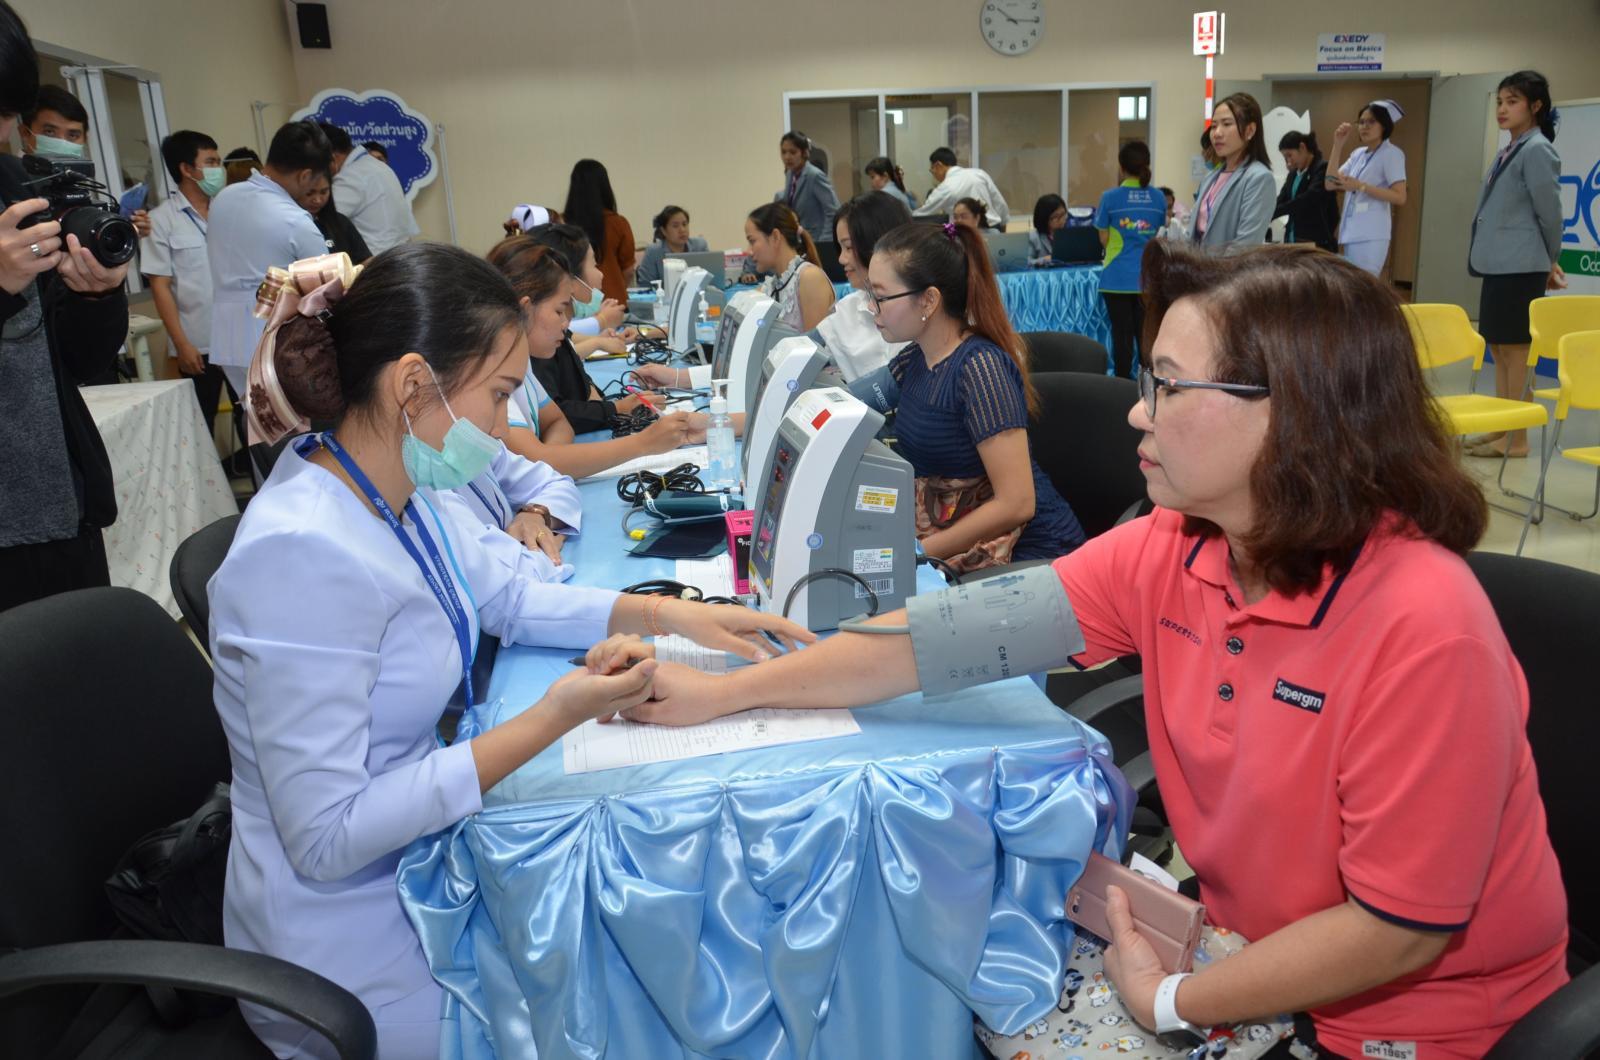 ประกันสังคม รุกจัดกิจกรรมบริการส่งเสริมสุขภาพป้องกันโรคผู้ประกันตน ในนิคมอุตสาหกรรมอมตะซิตี้ชลบุรี